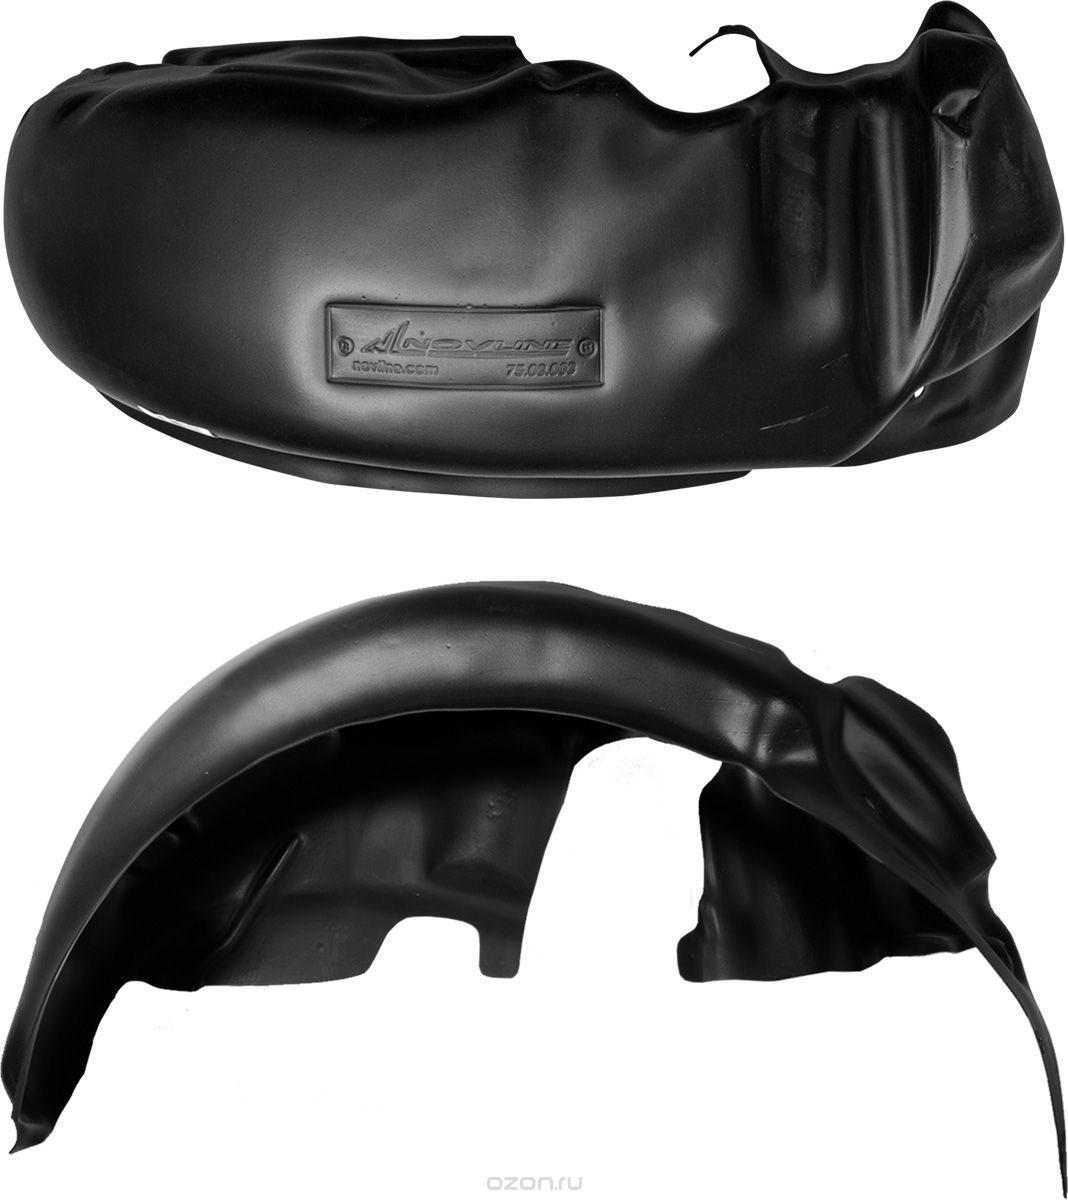 Подкрылок Novline-Autofamily, для ВАЗ 2105,07 1982-2010, передний левый000211Идеальная защита колесной ниши. Локеры разработаны с применением цифровых технологий, гарантируют максимальную повторяемость поверхности арки. Изделия устанавливаются без нарушения лакокрасочного покрытия автомобиля, каждый подкрылок комплектуется крепежом. Уважаемые клиенты, обращаем ваше внимание, что фотографии на подкрылки универсальные и не отражают реальную форму изделия. При этом само изделие идет точно под размер указанного автомобиля.